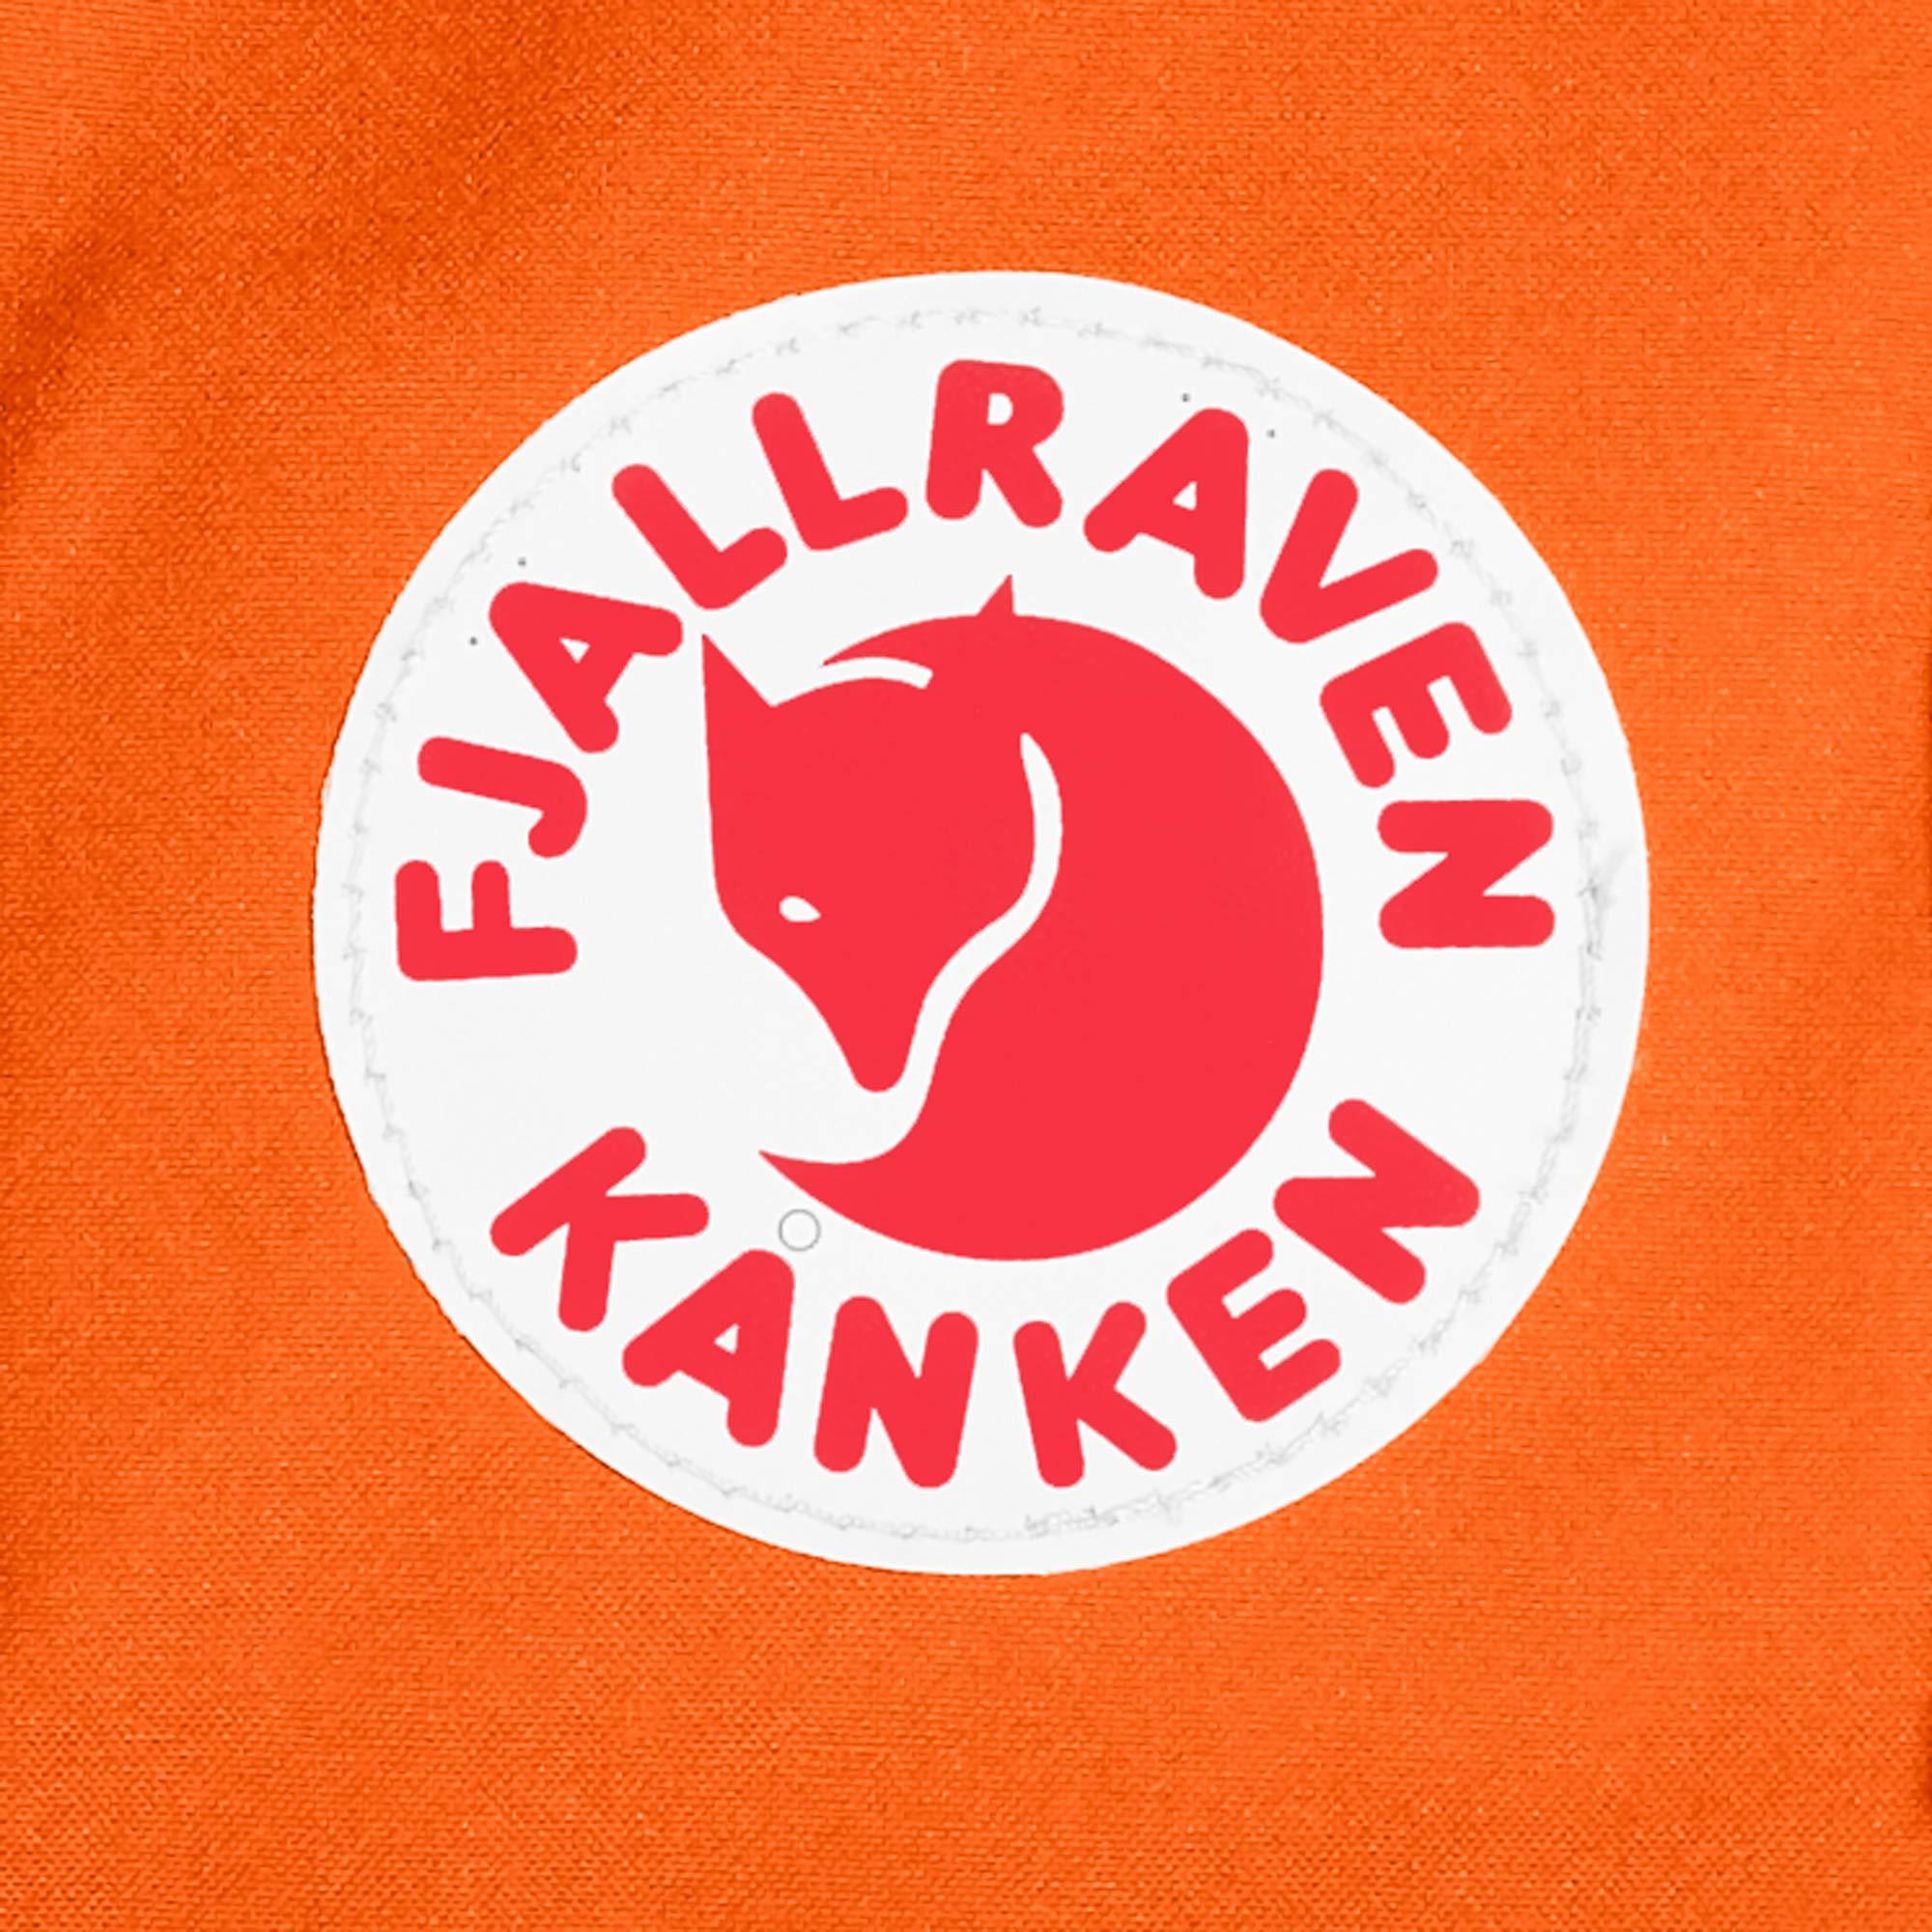 Fjallraven - Kanken Classic Backpack for Everyday, Burnt Orange/Deep Red by Fjallraven (Image #8)